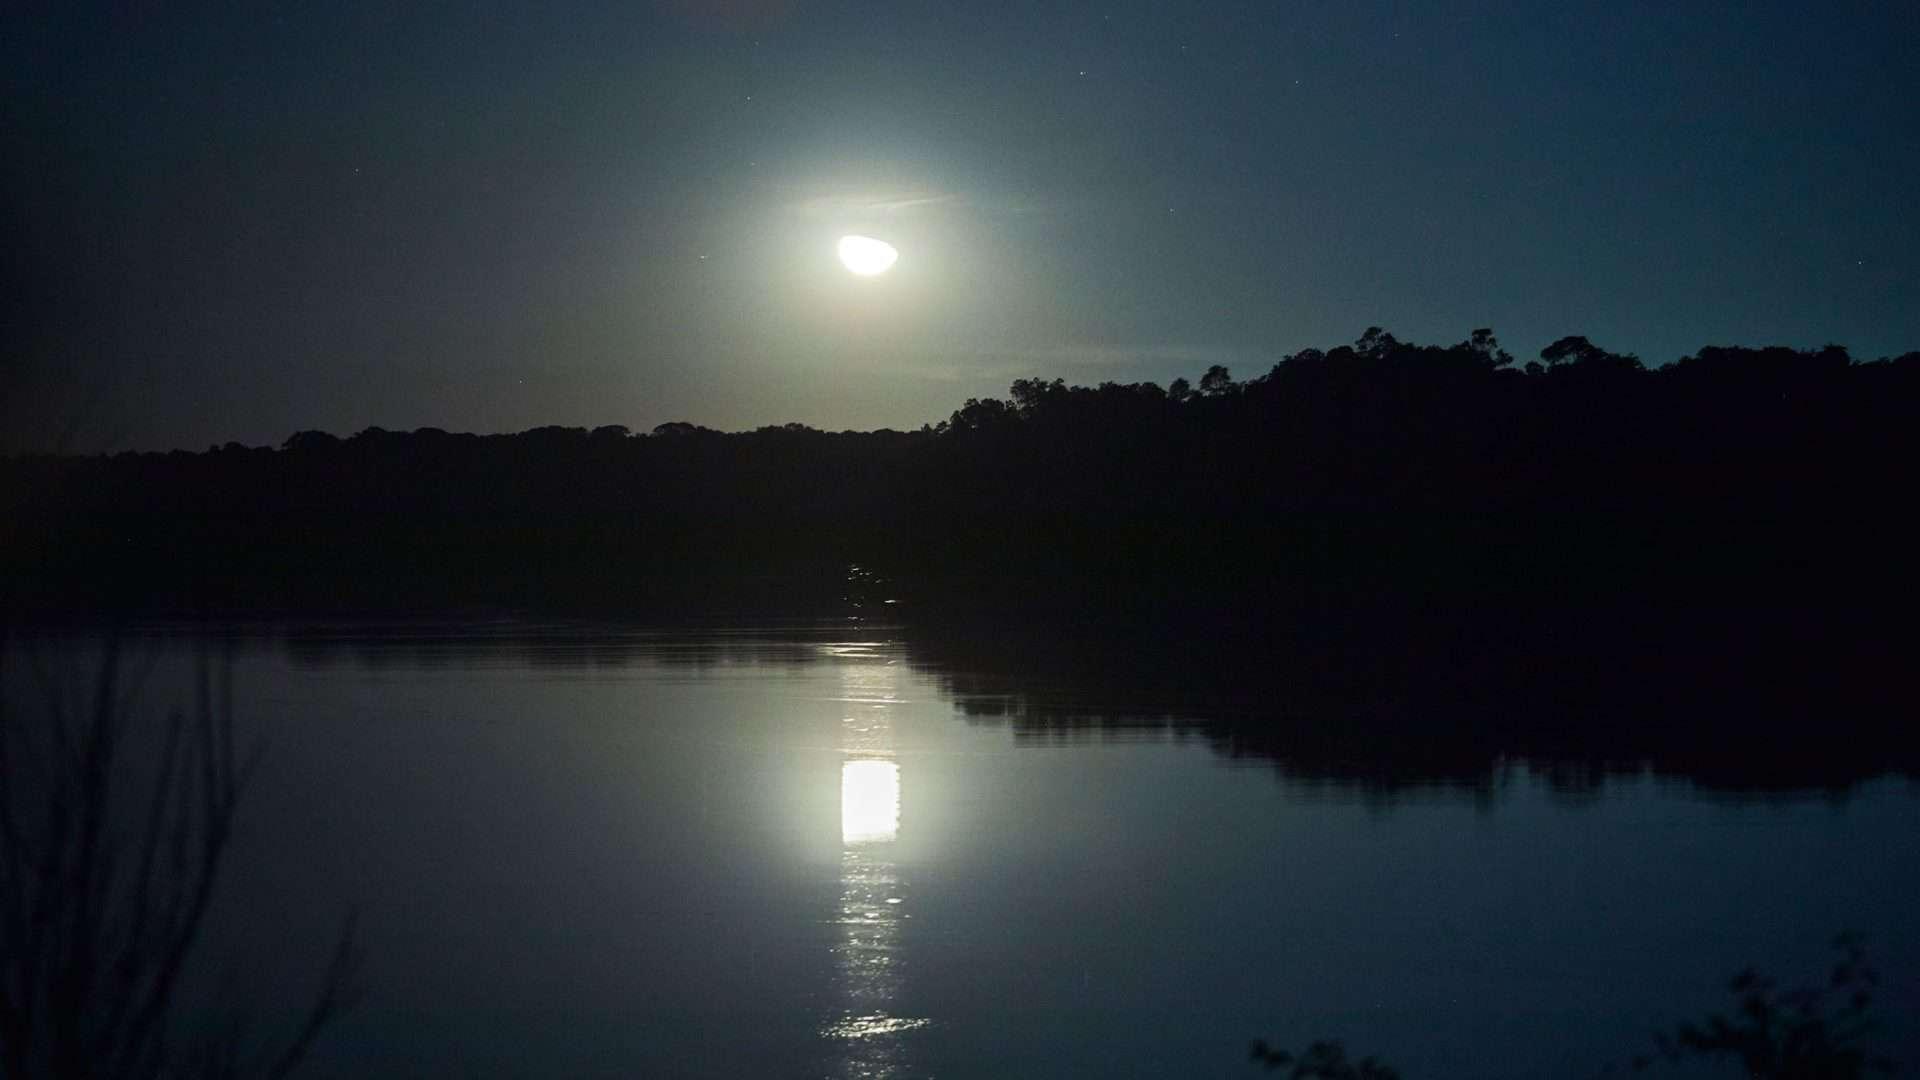 Anoitecer em paisagem da Amazônia, luz da lua reflete sobre as águas do rio. Foto: Loiro Cunha